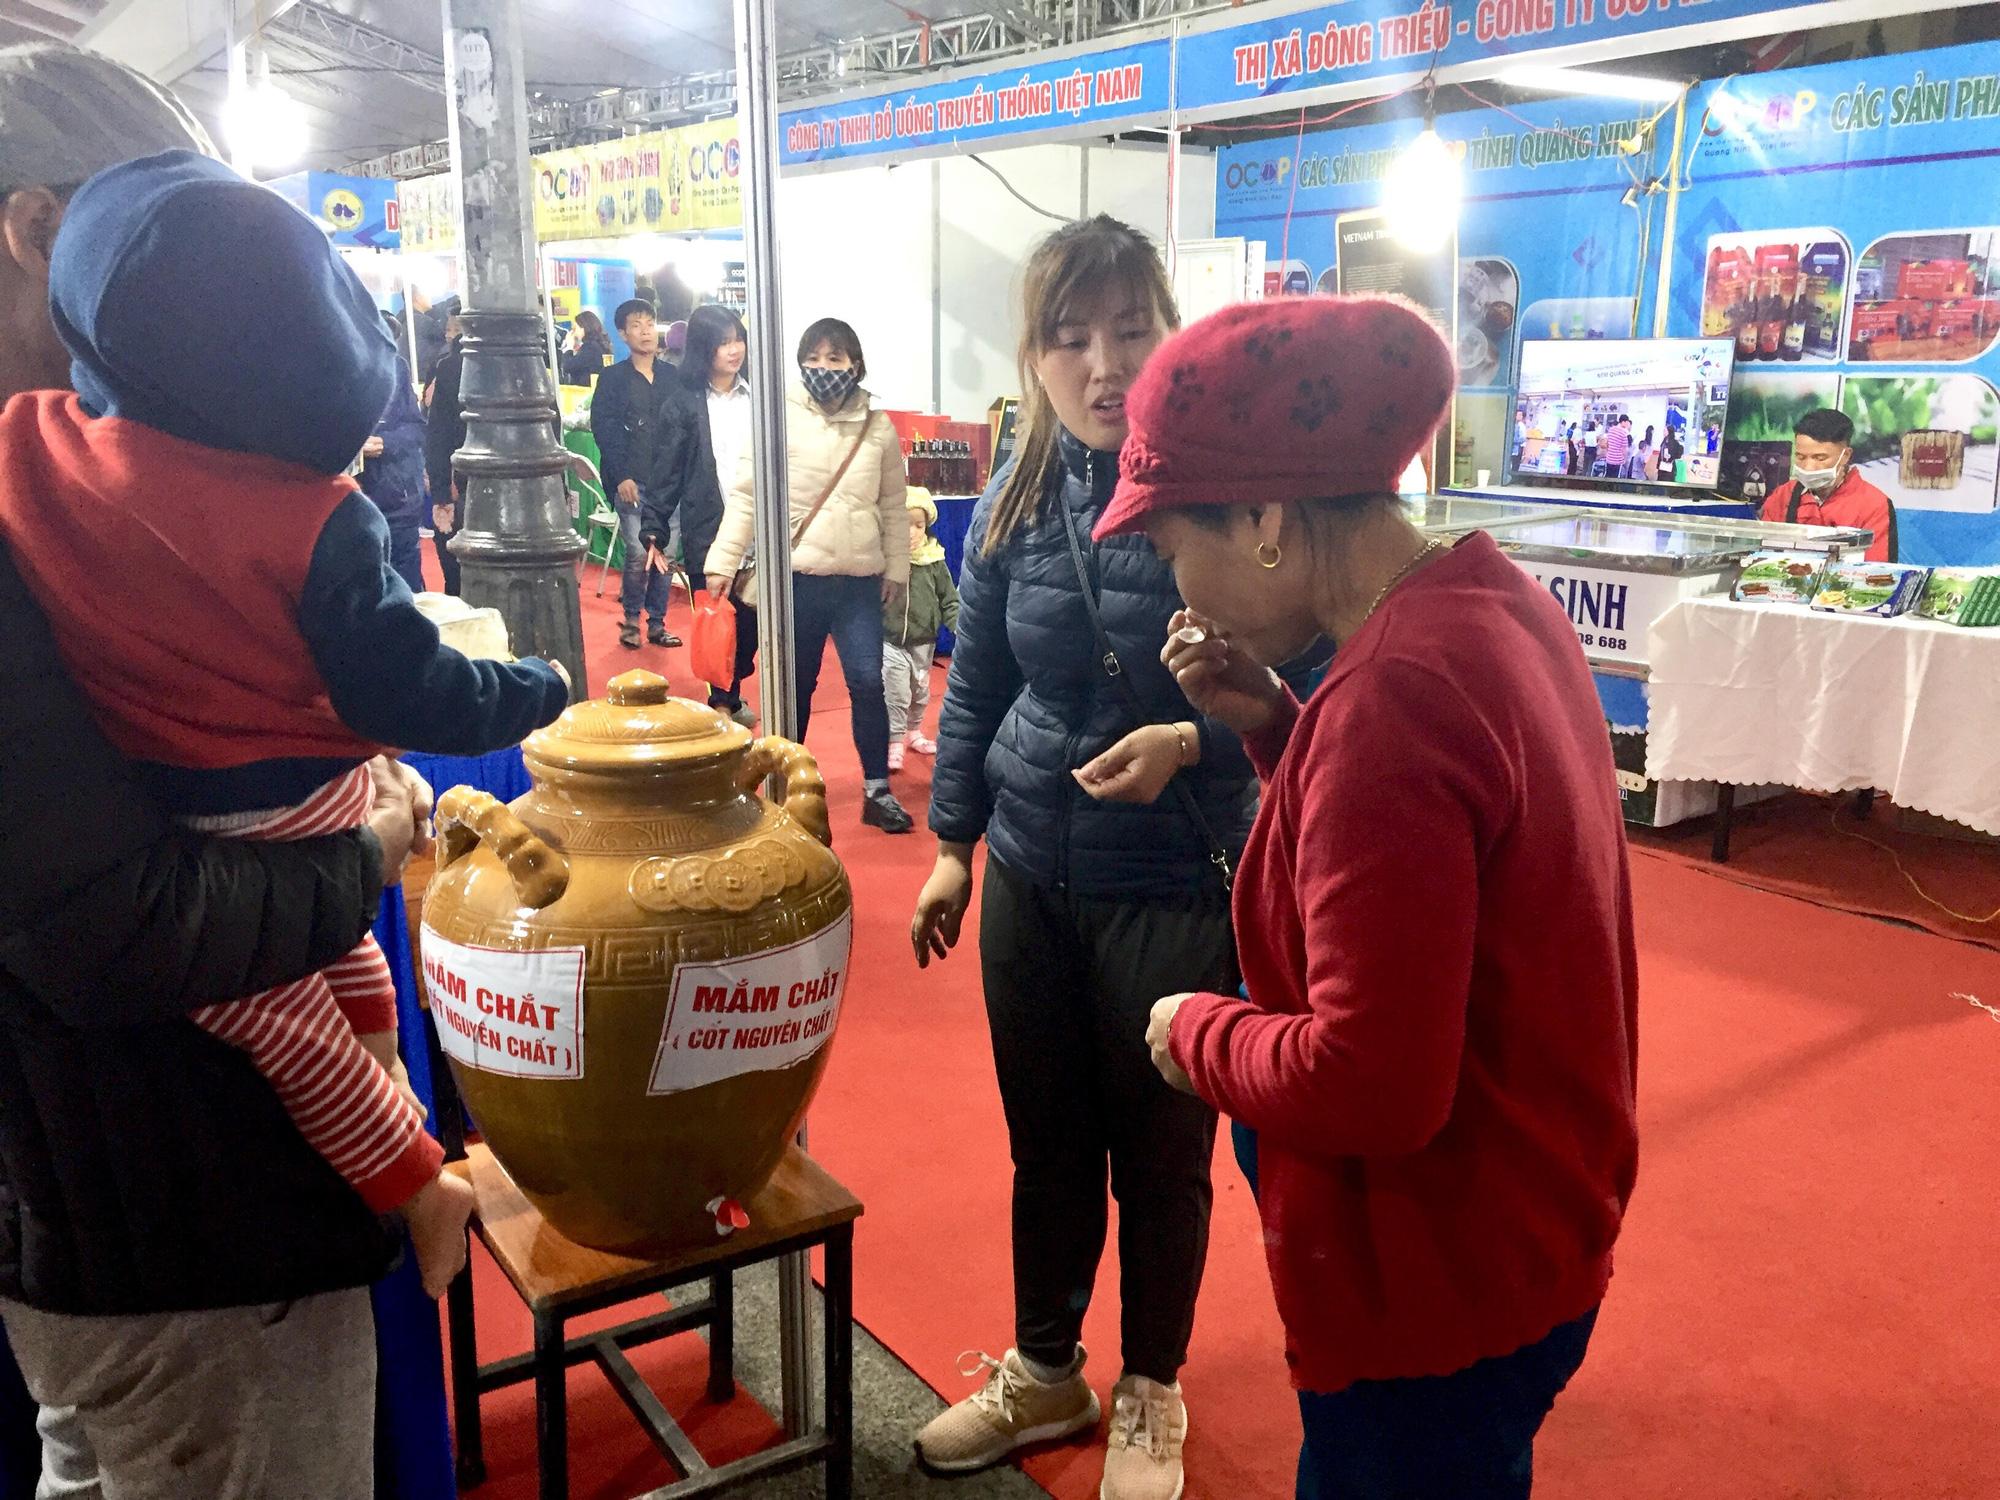 Hàng trăm đặc sản Quảng Ninh bày bán ở Hà Nội, có nước mắm sá sùng- nước mắm của loại hải sản đắt như vàng - Ảnh 4.